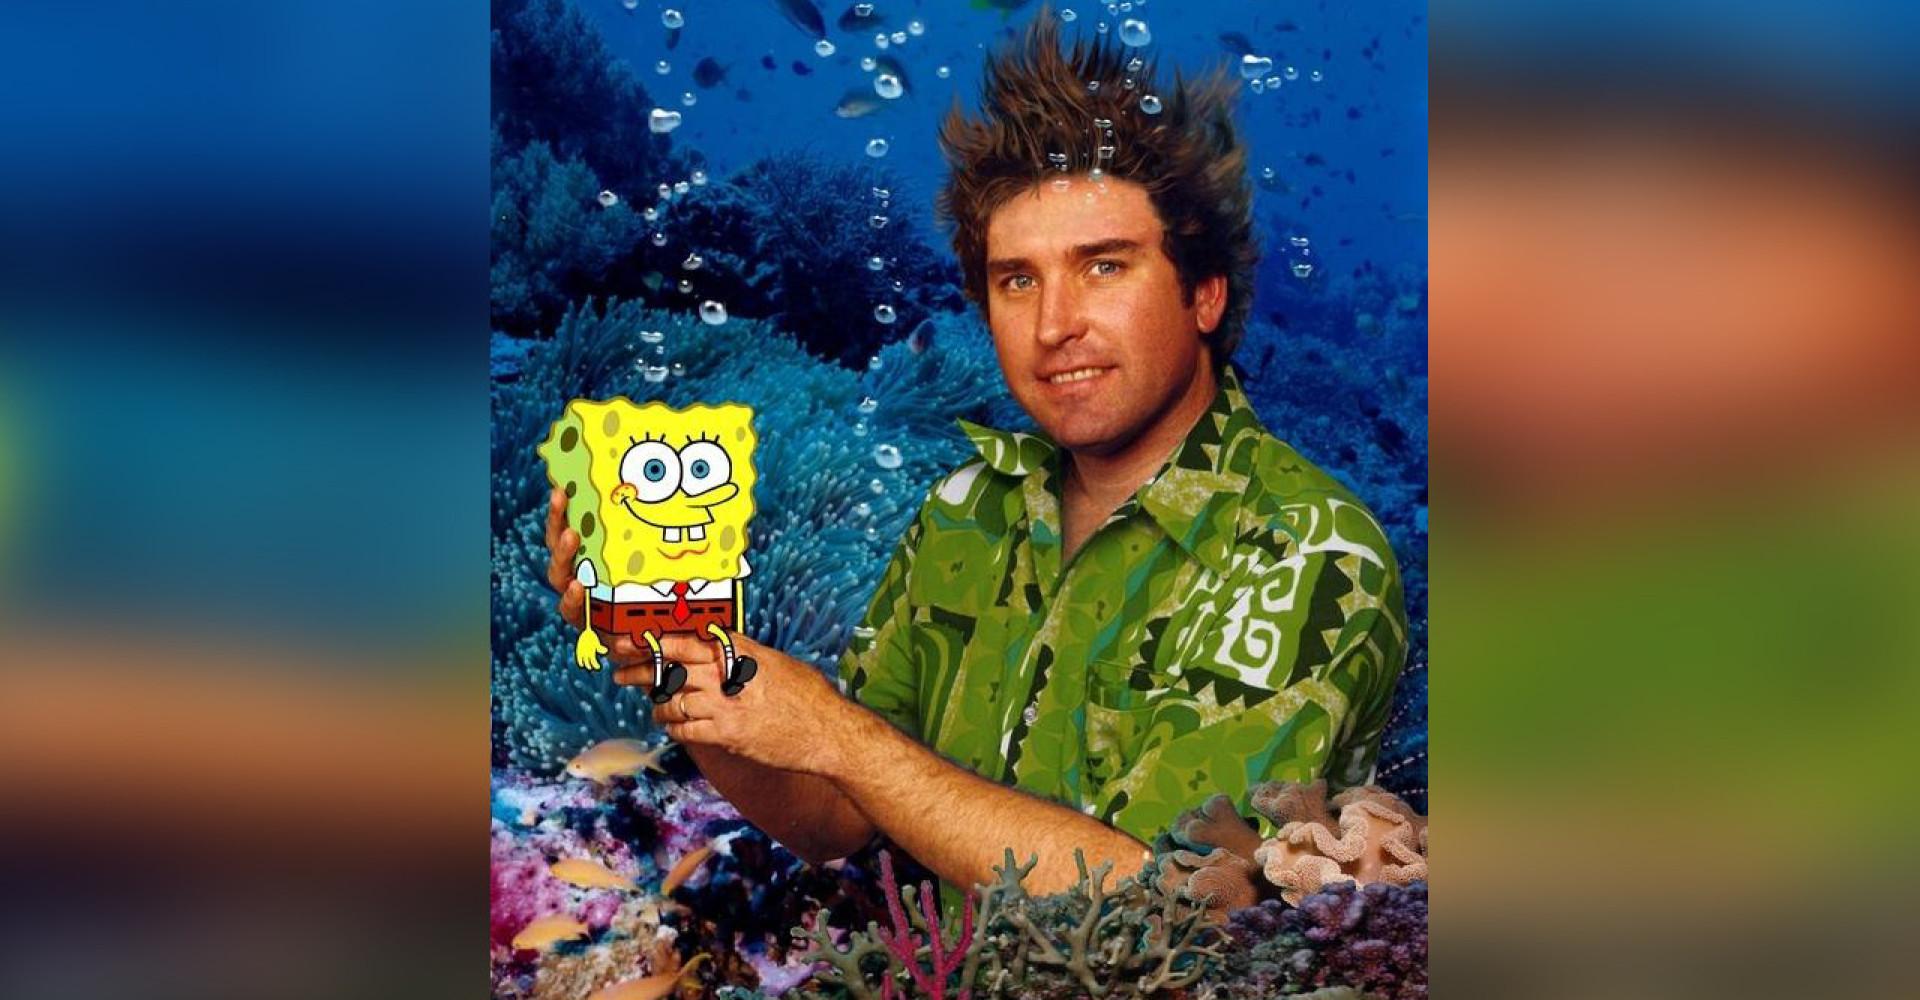 Morre Stephen Hillenburg, o criador de 'Bob Esponja'